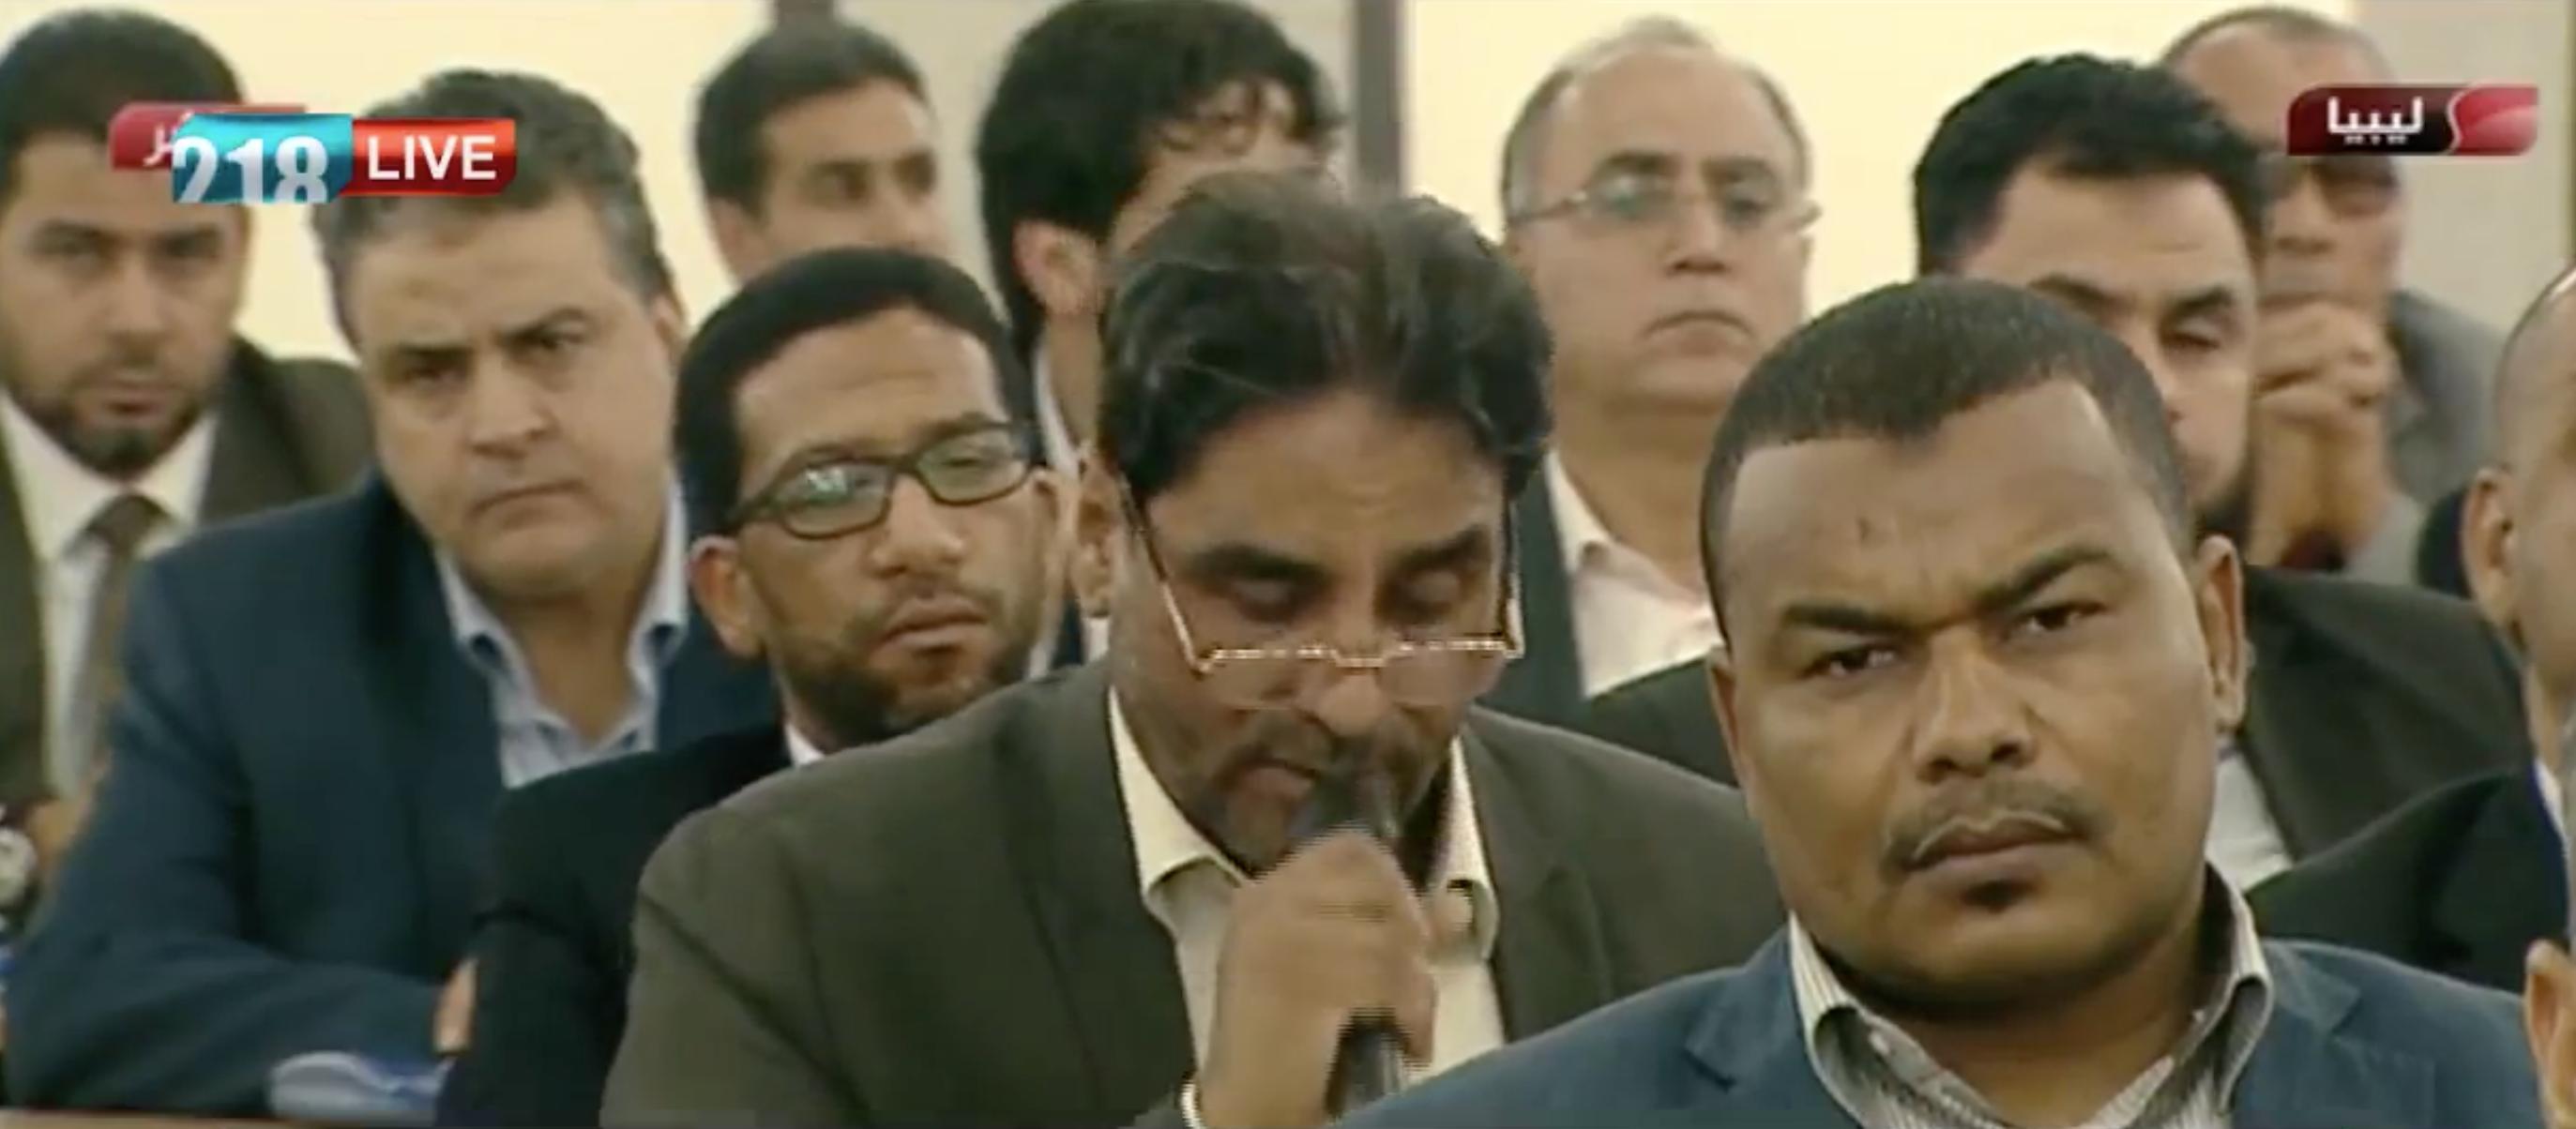 Photo of مجلس النواب يستمع لرئيس لجنة الحوار عبدالسلام نصية في إحاطة حول جلسات تونس